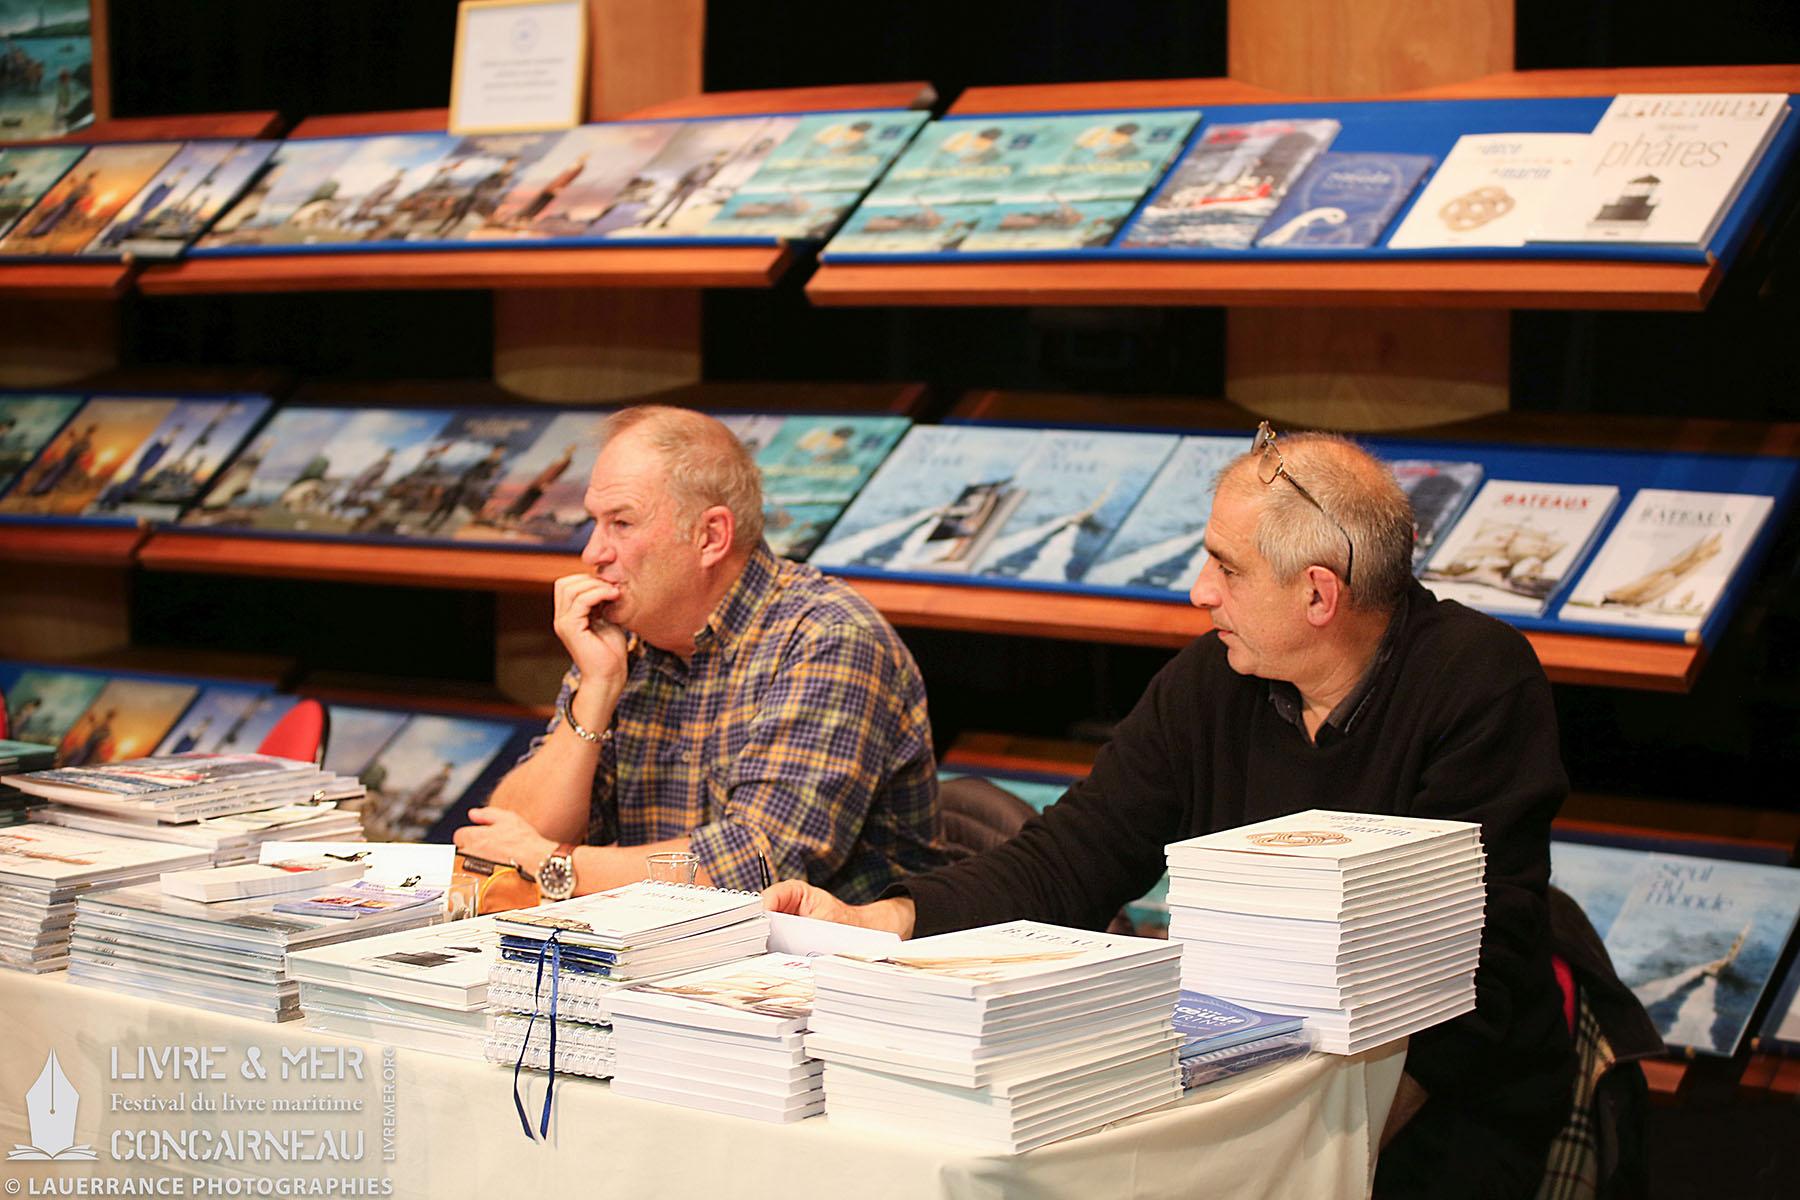 Philippe Gloaguen & Jean-Benoît Héron © Lauerrance Photographies